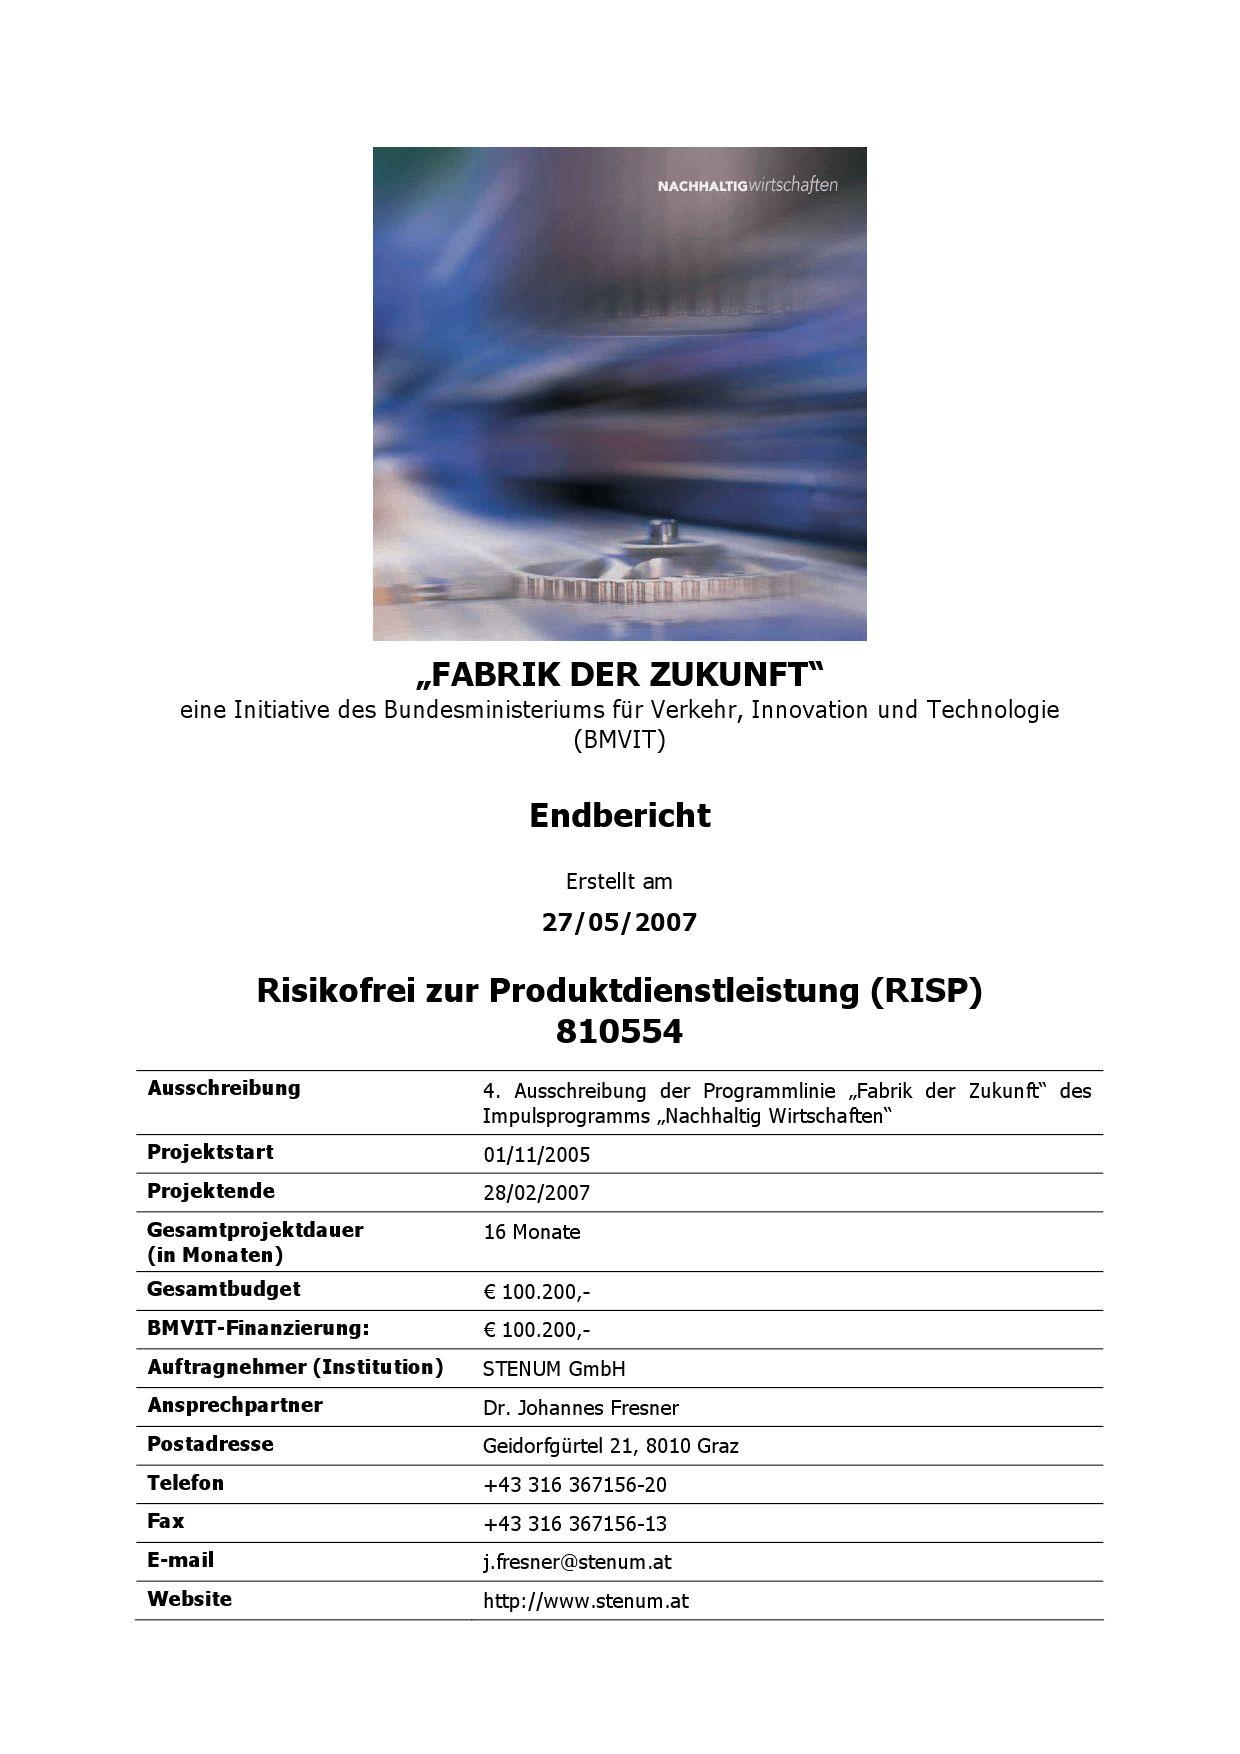 Risikofrei zur Produktdienstleistung (RISP) by Johannes Fresner - issuu